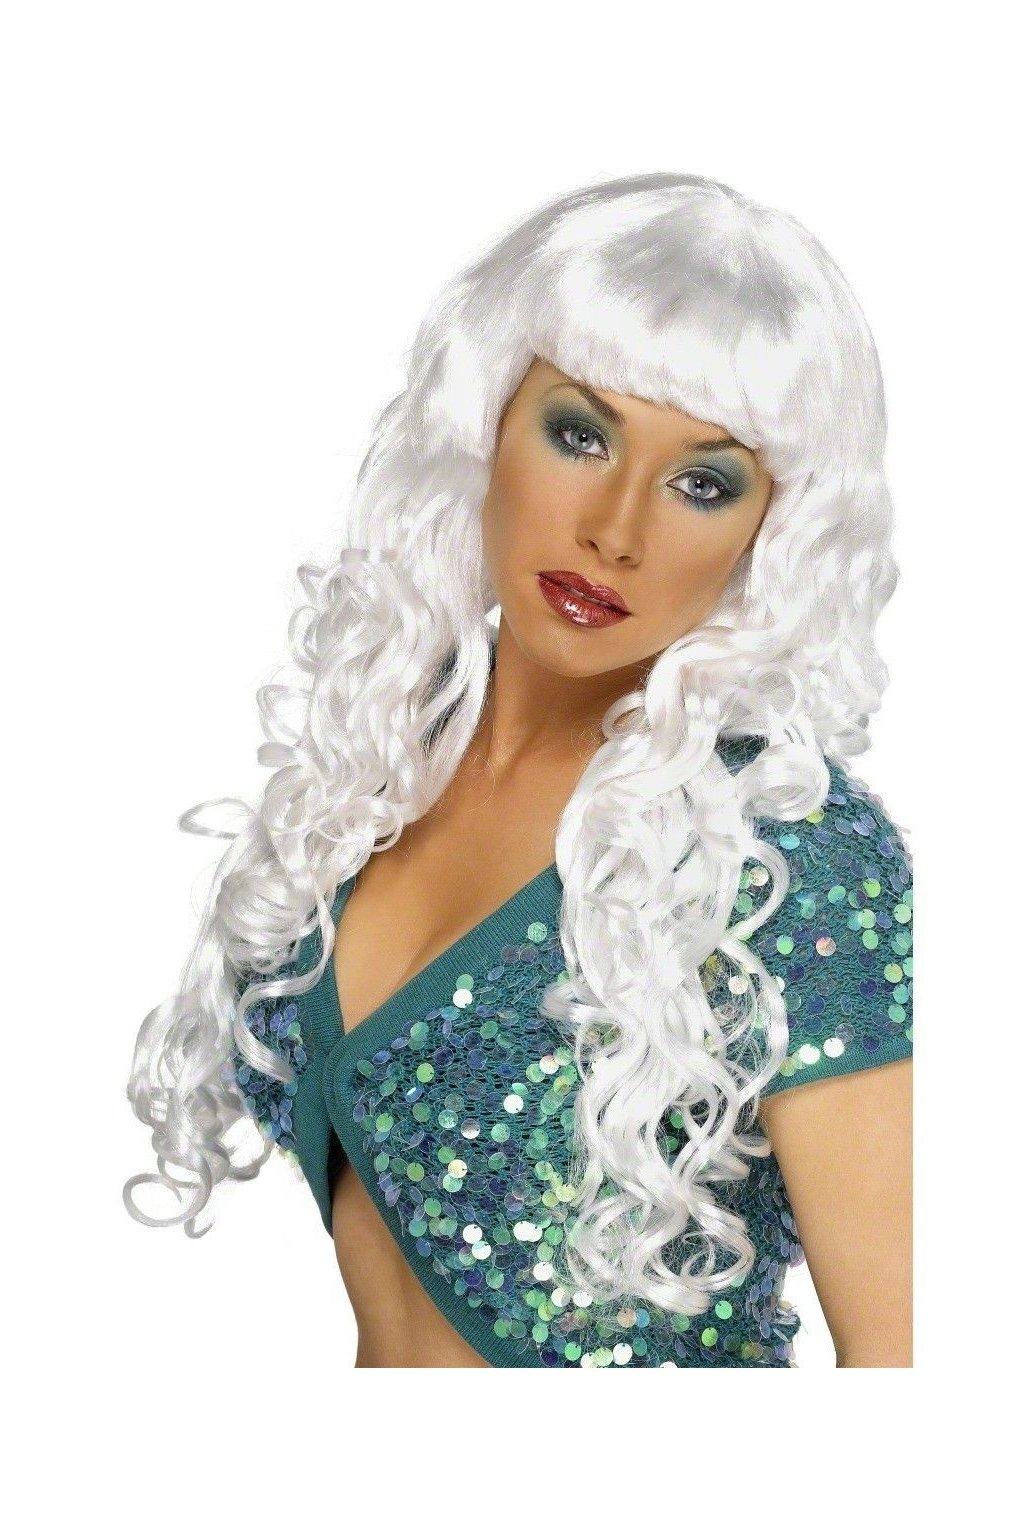 Paruka mořské panny Siren